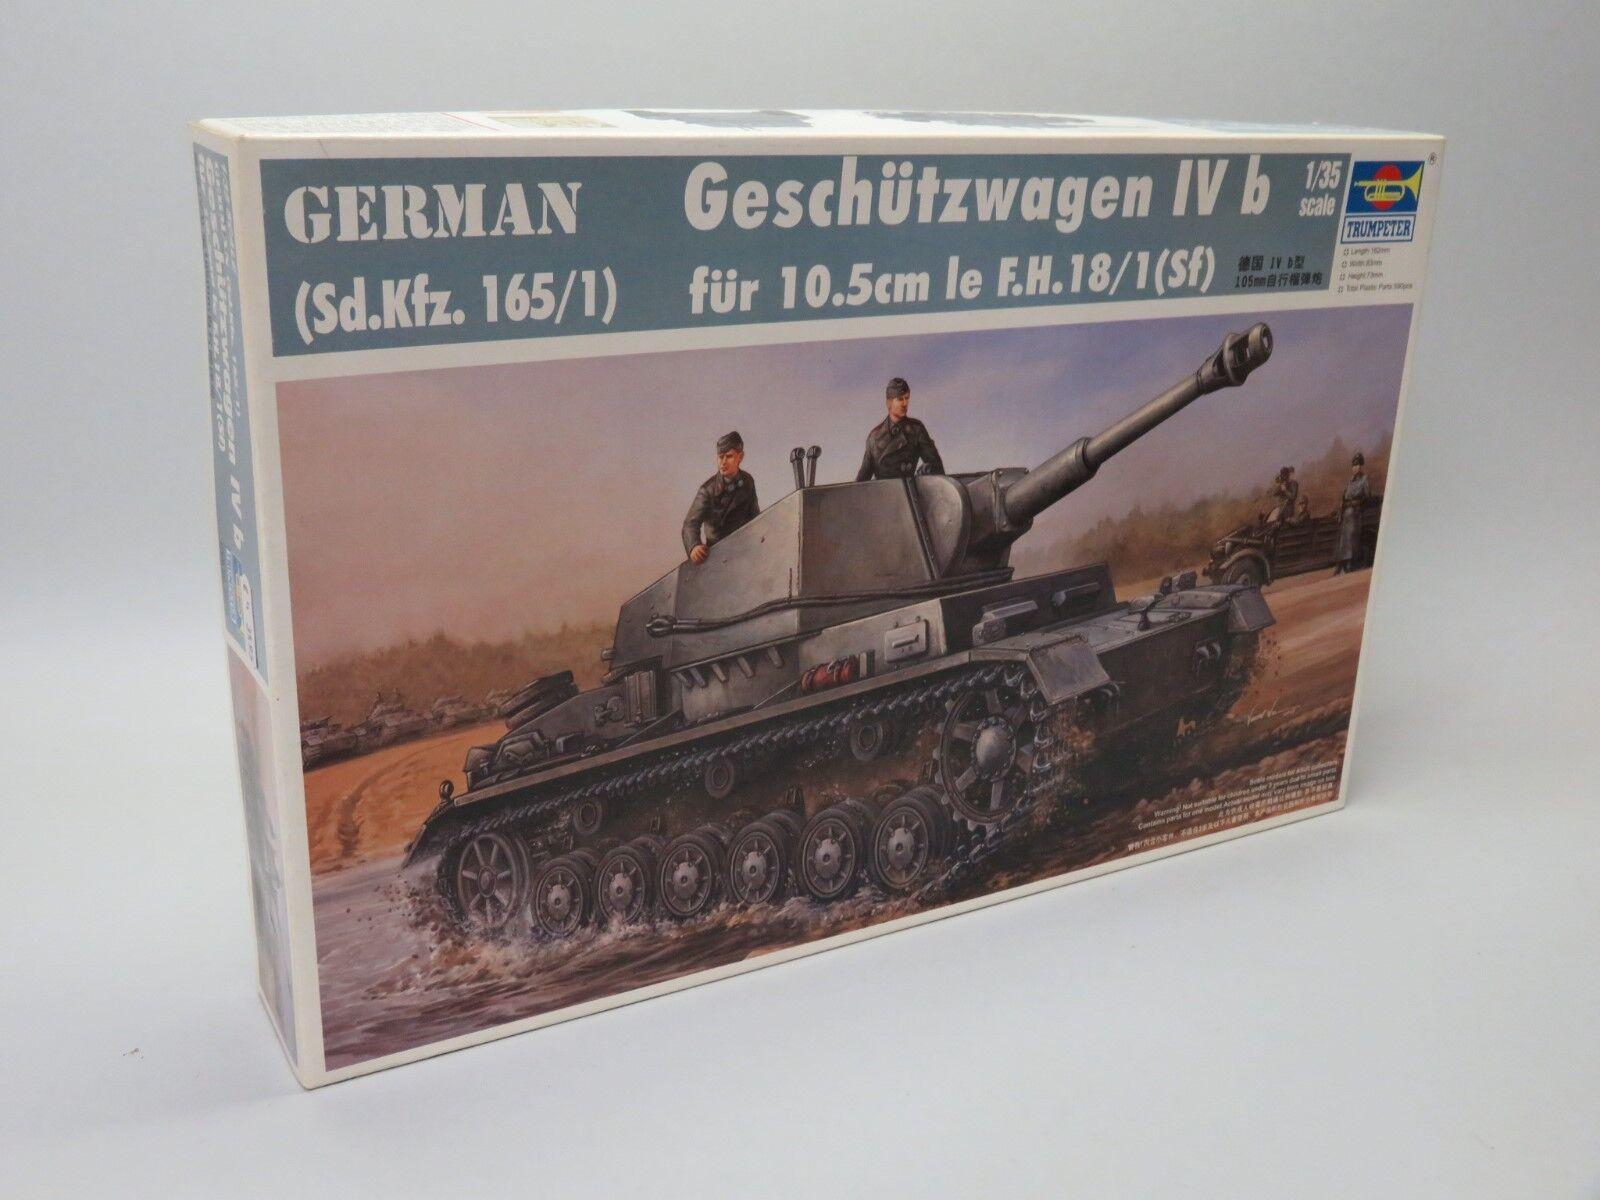 Trumpeter 00374 1 35 - Sd.Kfz.165 1 Geschutzwagen Ivb 105mm FH18 1